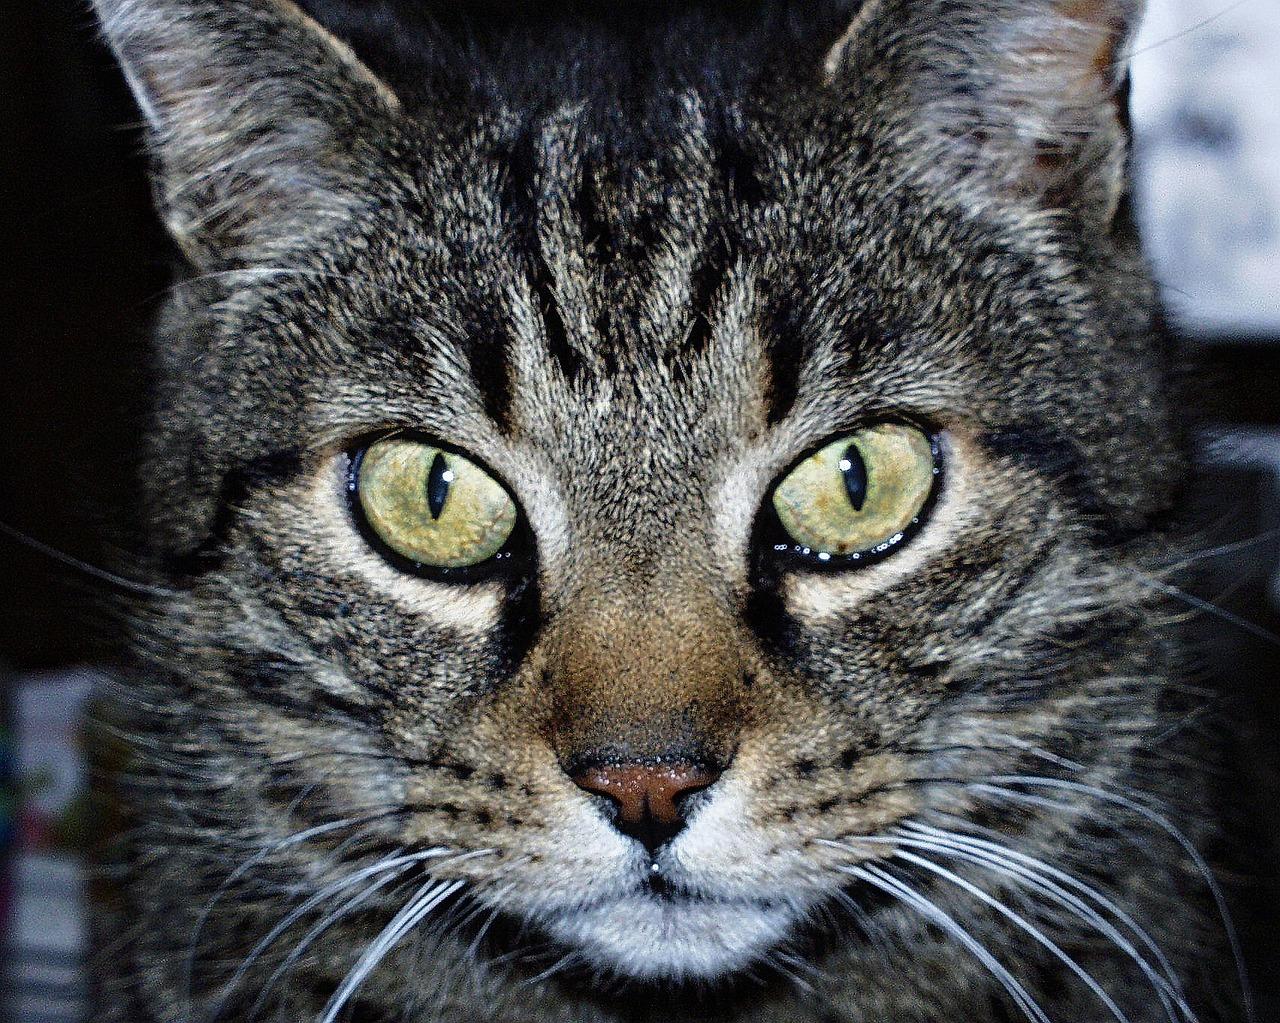 снимке картинки голова кошек новый